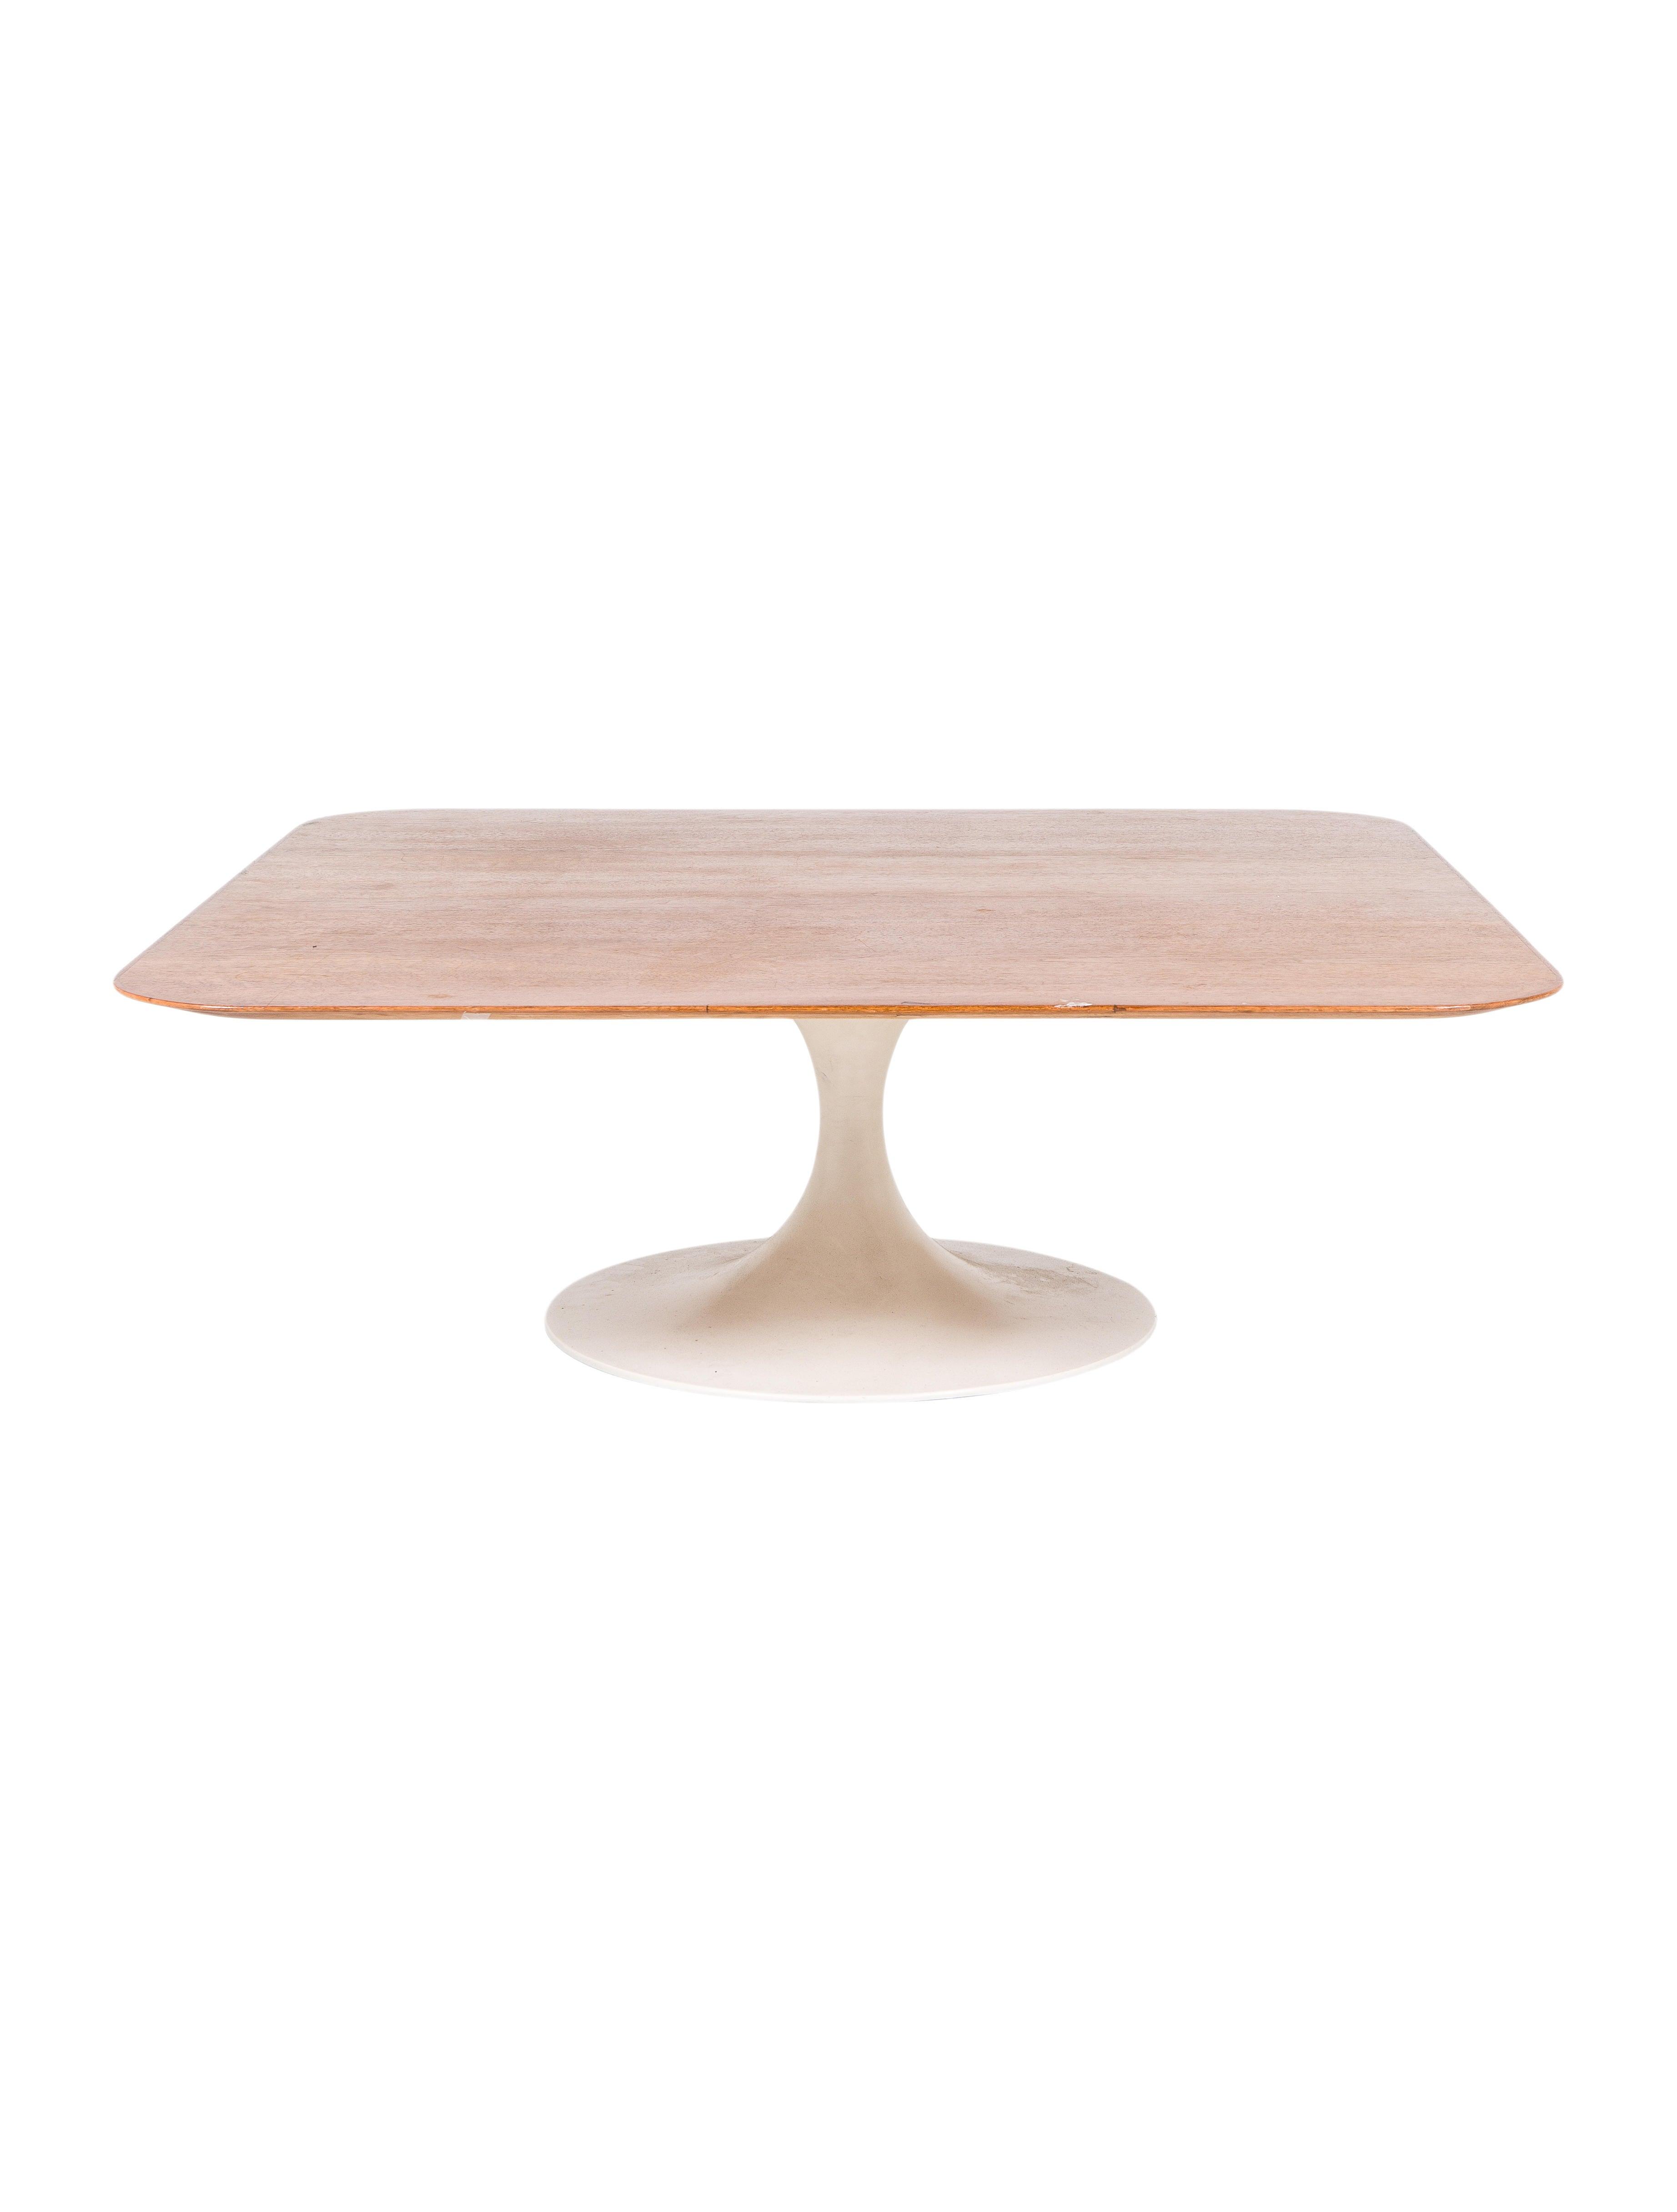 Burke Inc Tulip Coffee Table Furniture Coffe20034 The Realreal